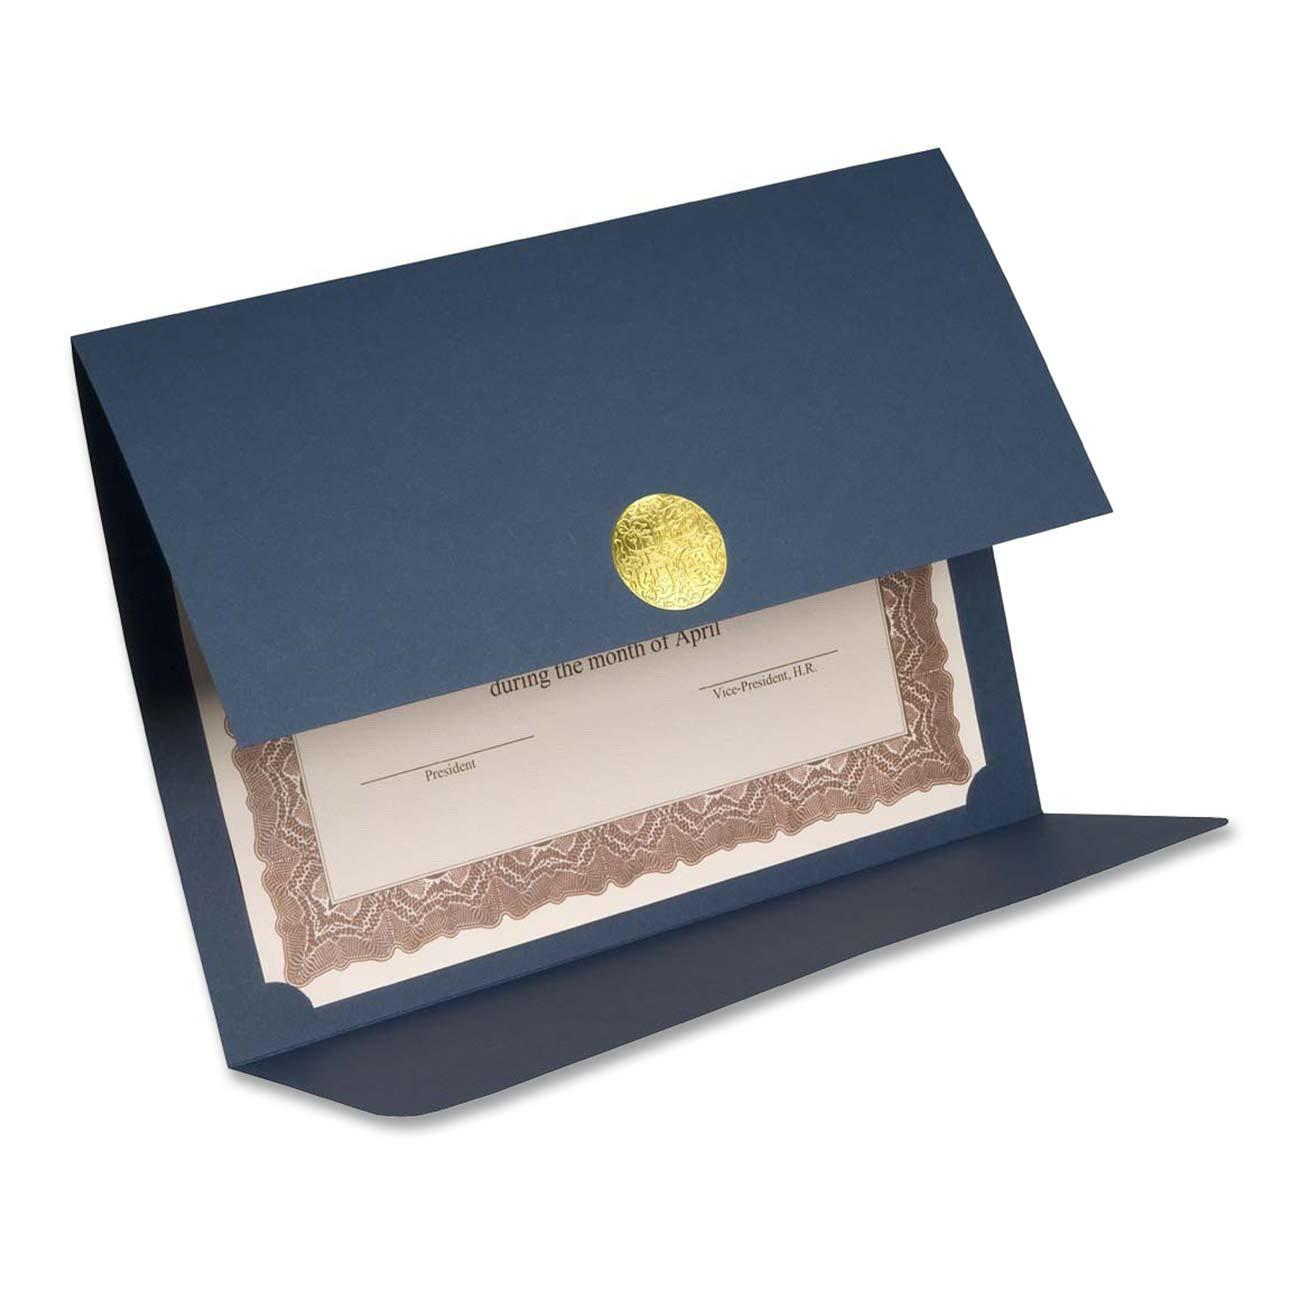 certificate holders holder elite james medallion certificat porte frames hanging linen certificats cartes papier communication stamp